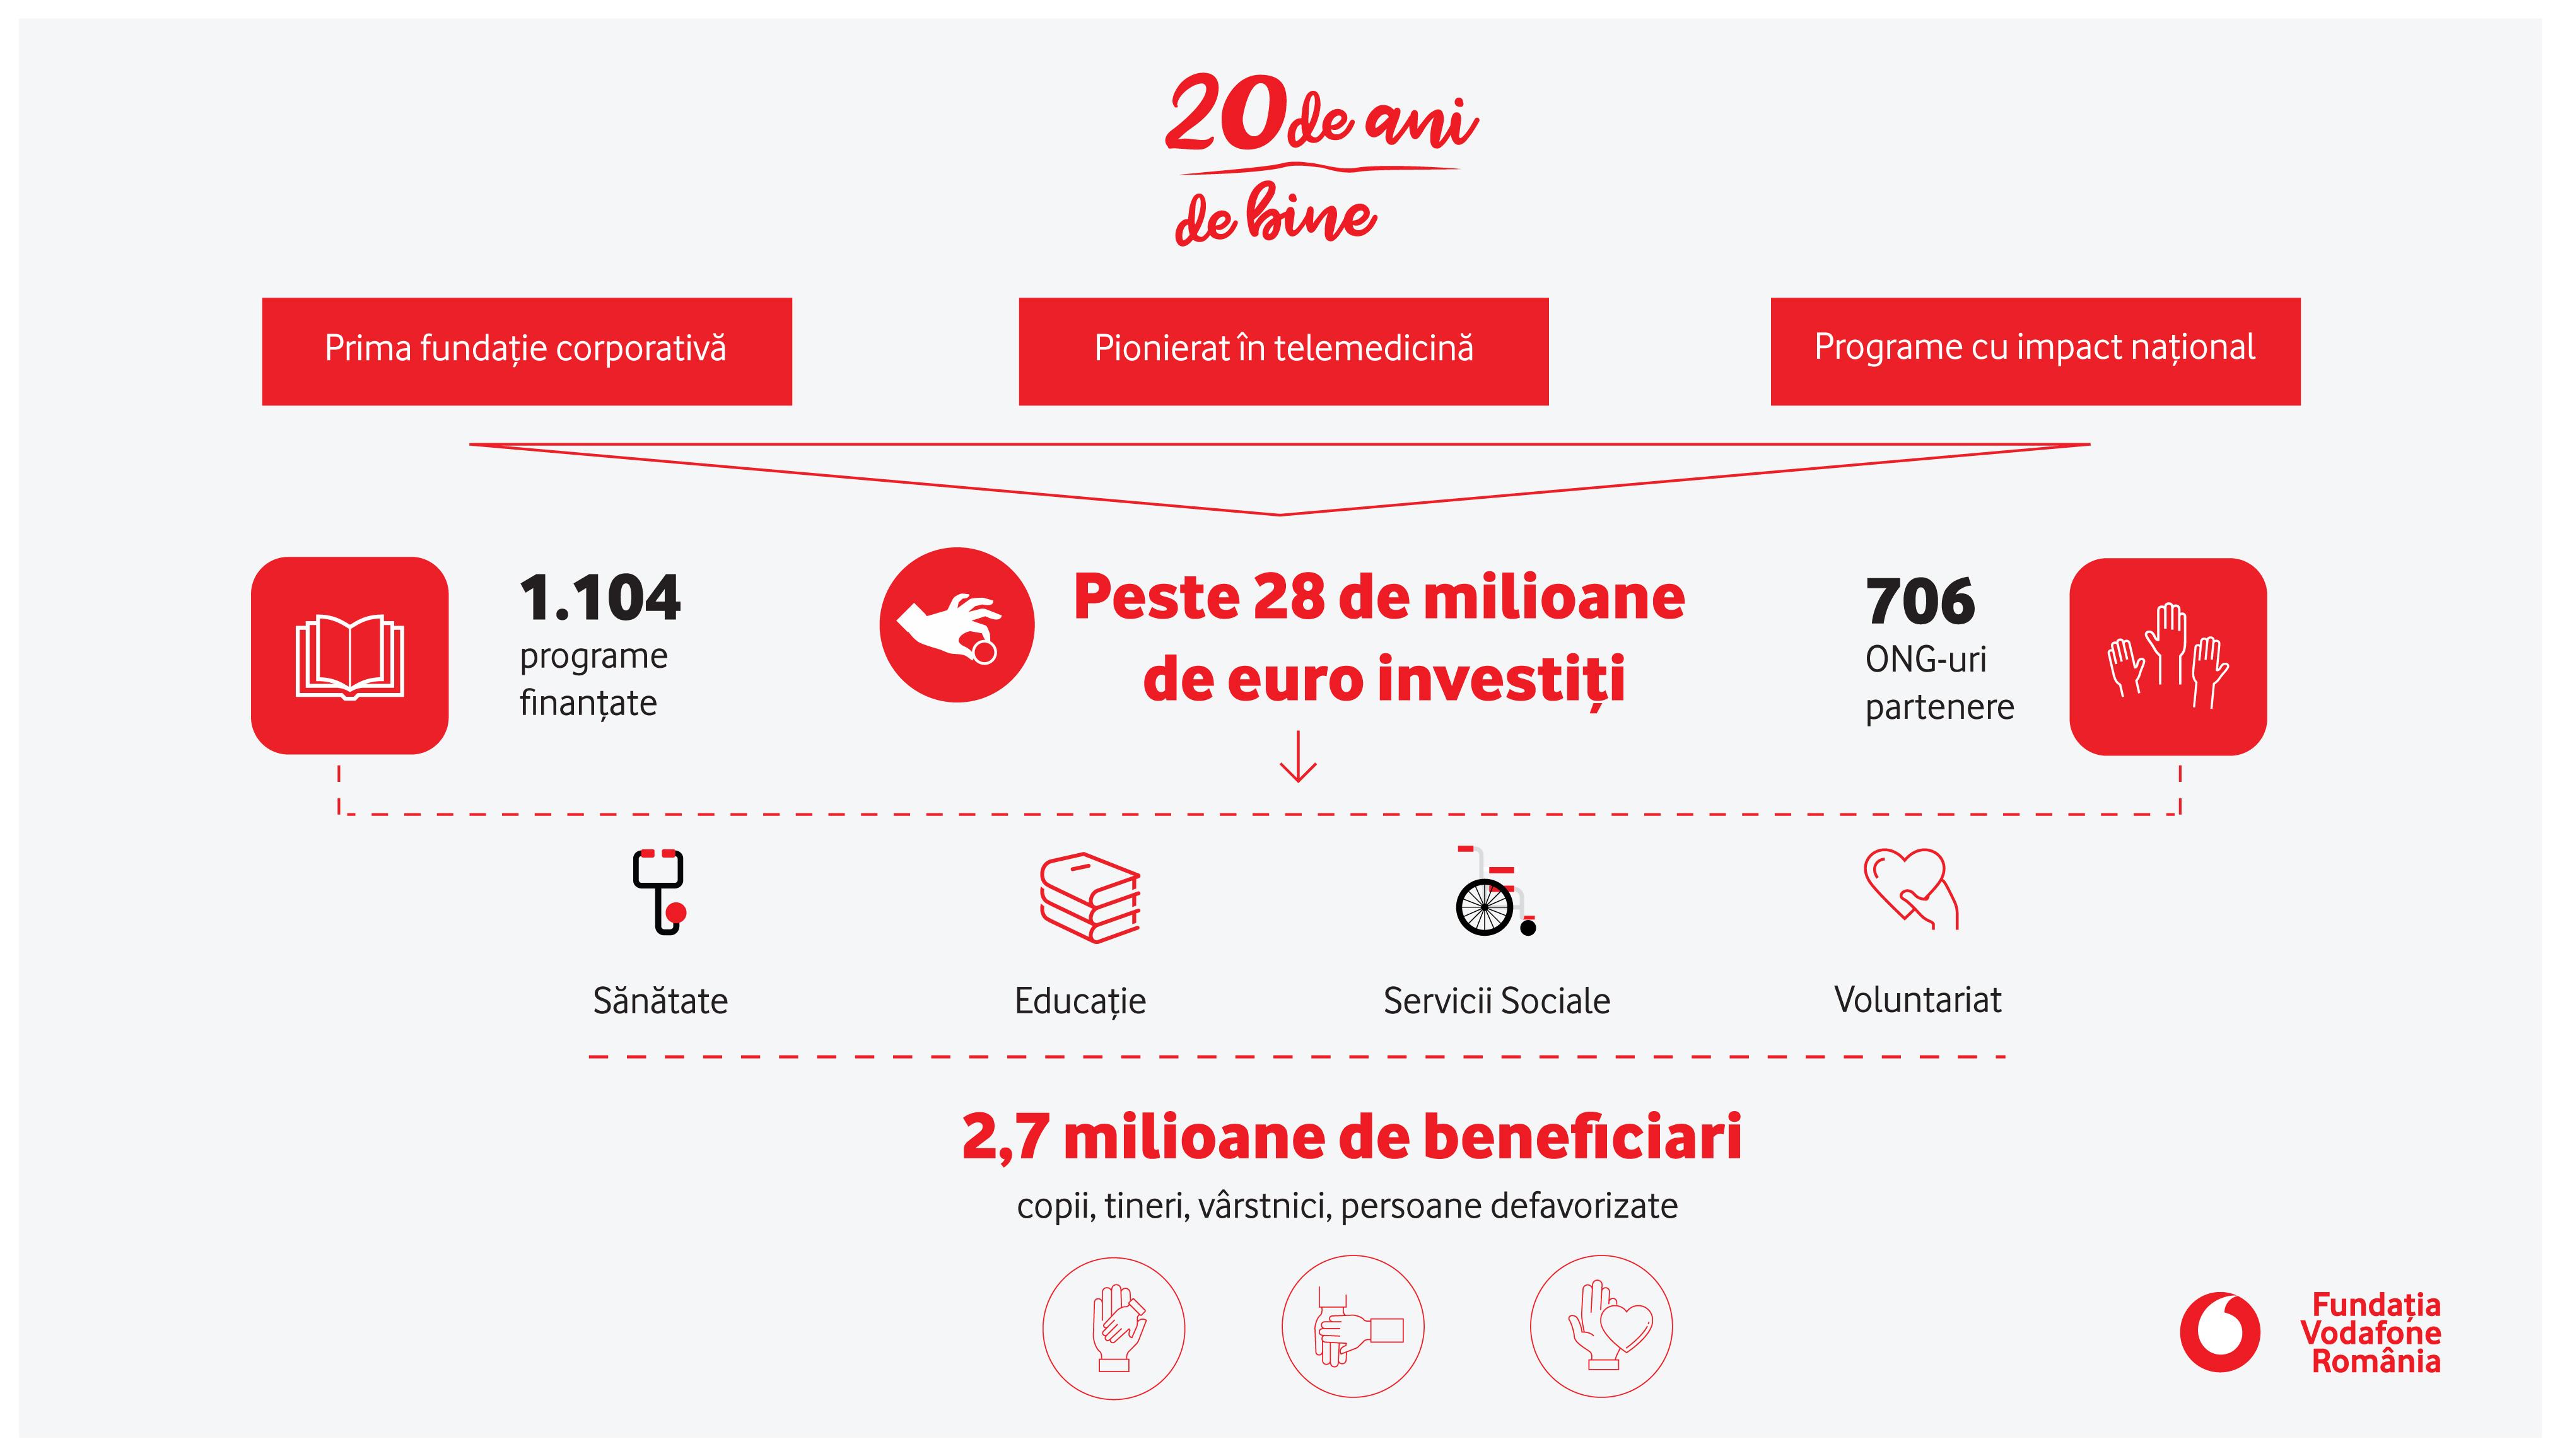 Fundația Vodafone România a investit aproape 17 milioane de euro în domeniul sănătății și peste 11 milioane de euro în educație